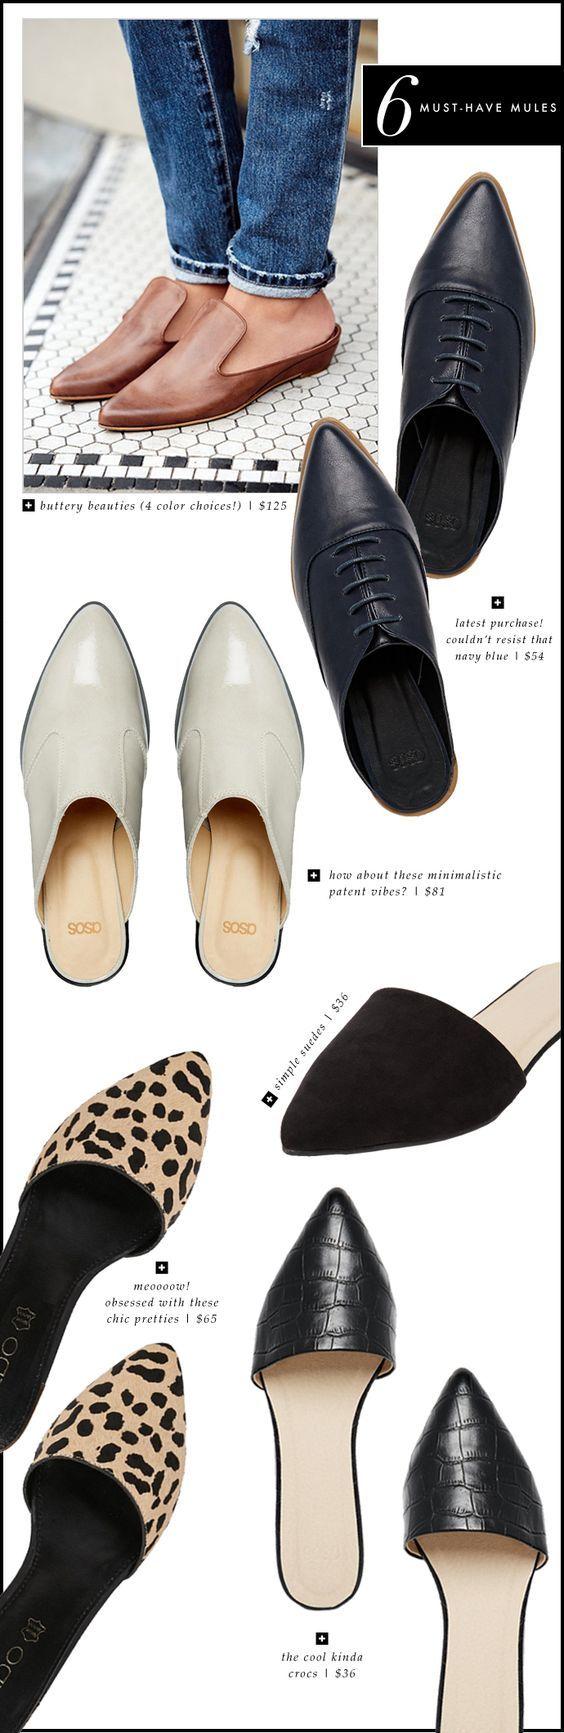 Sapato Mule é tendência e eu te ensino como usar. Vem ver: